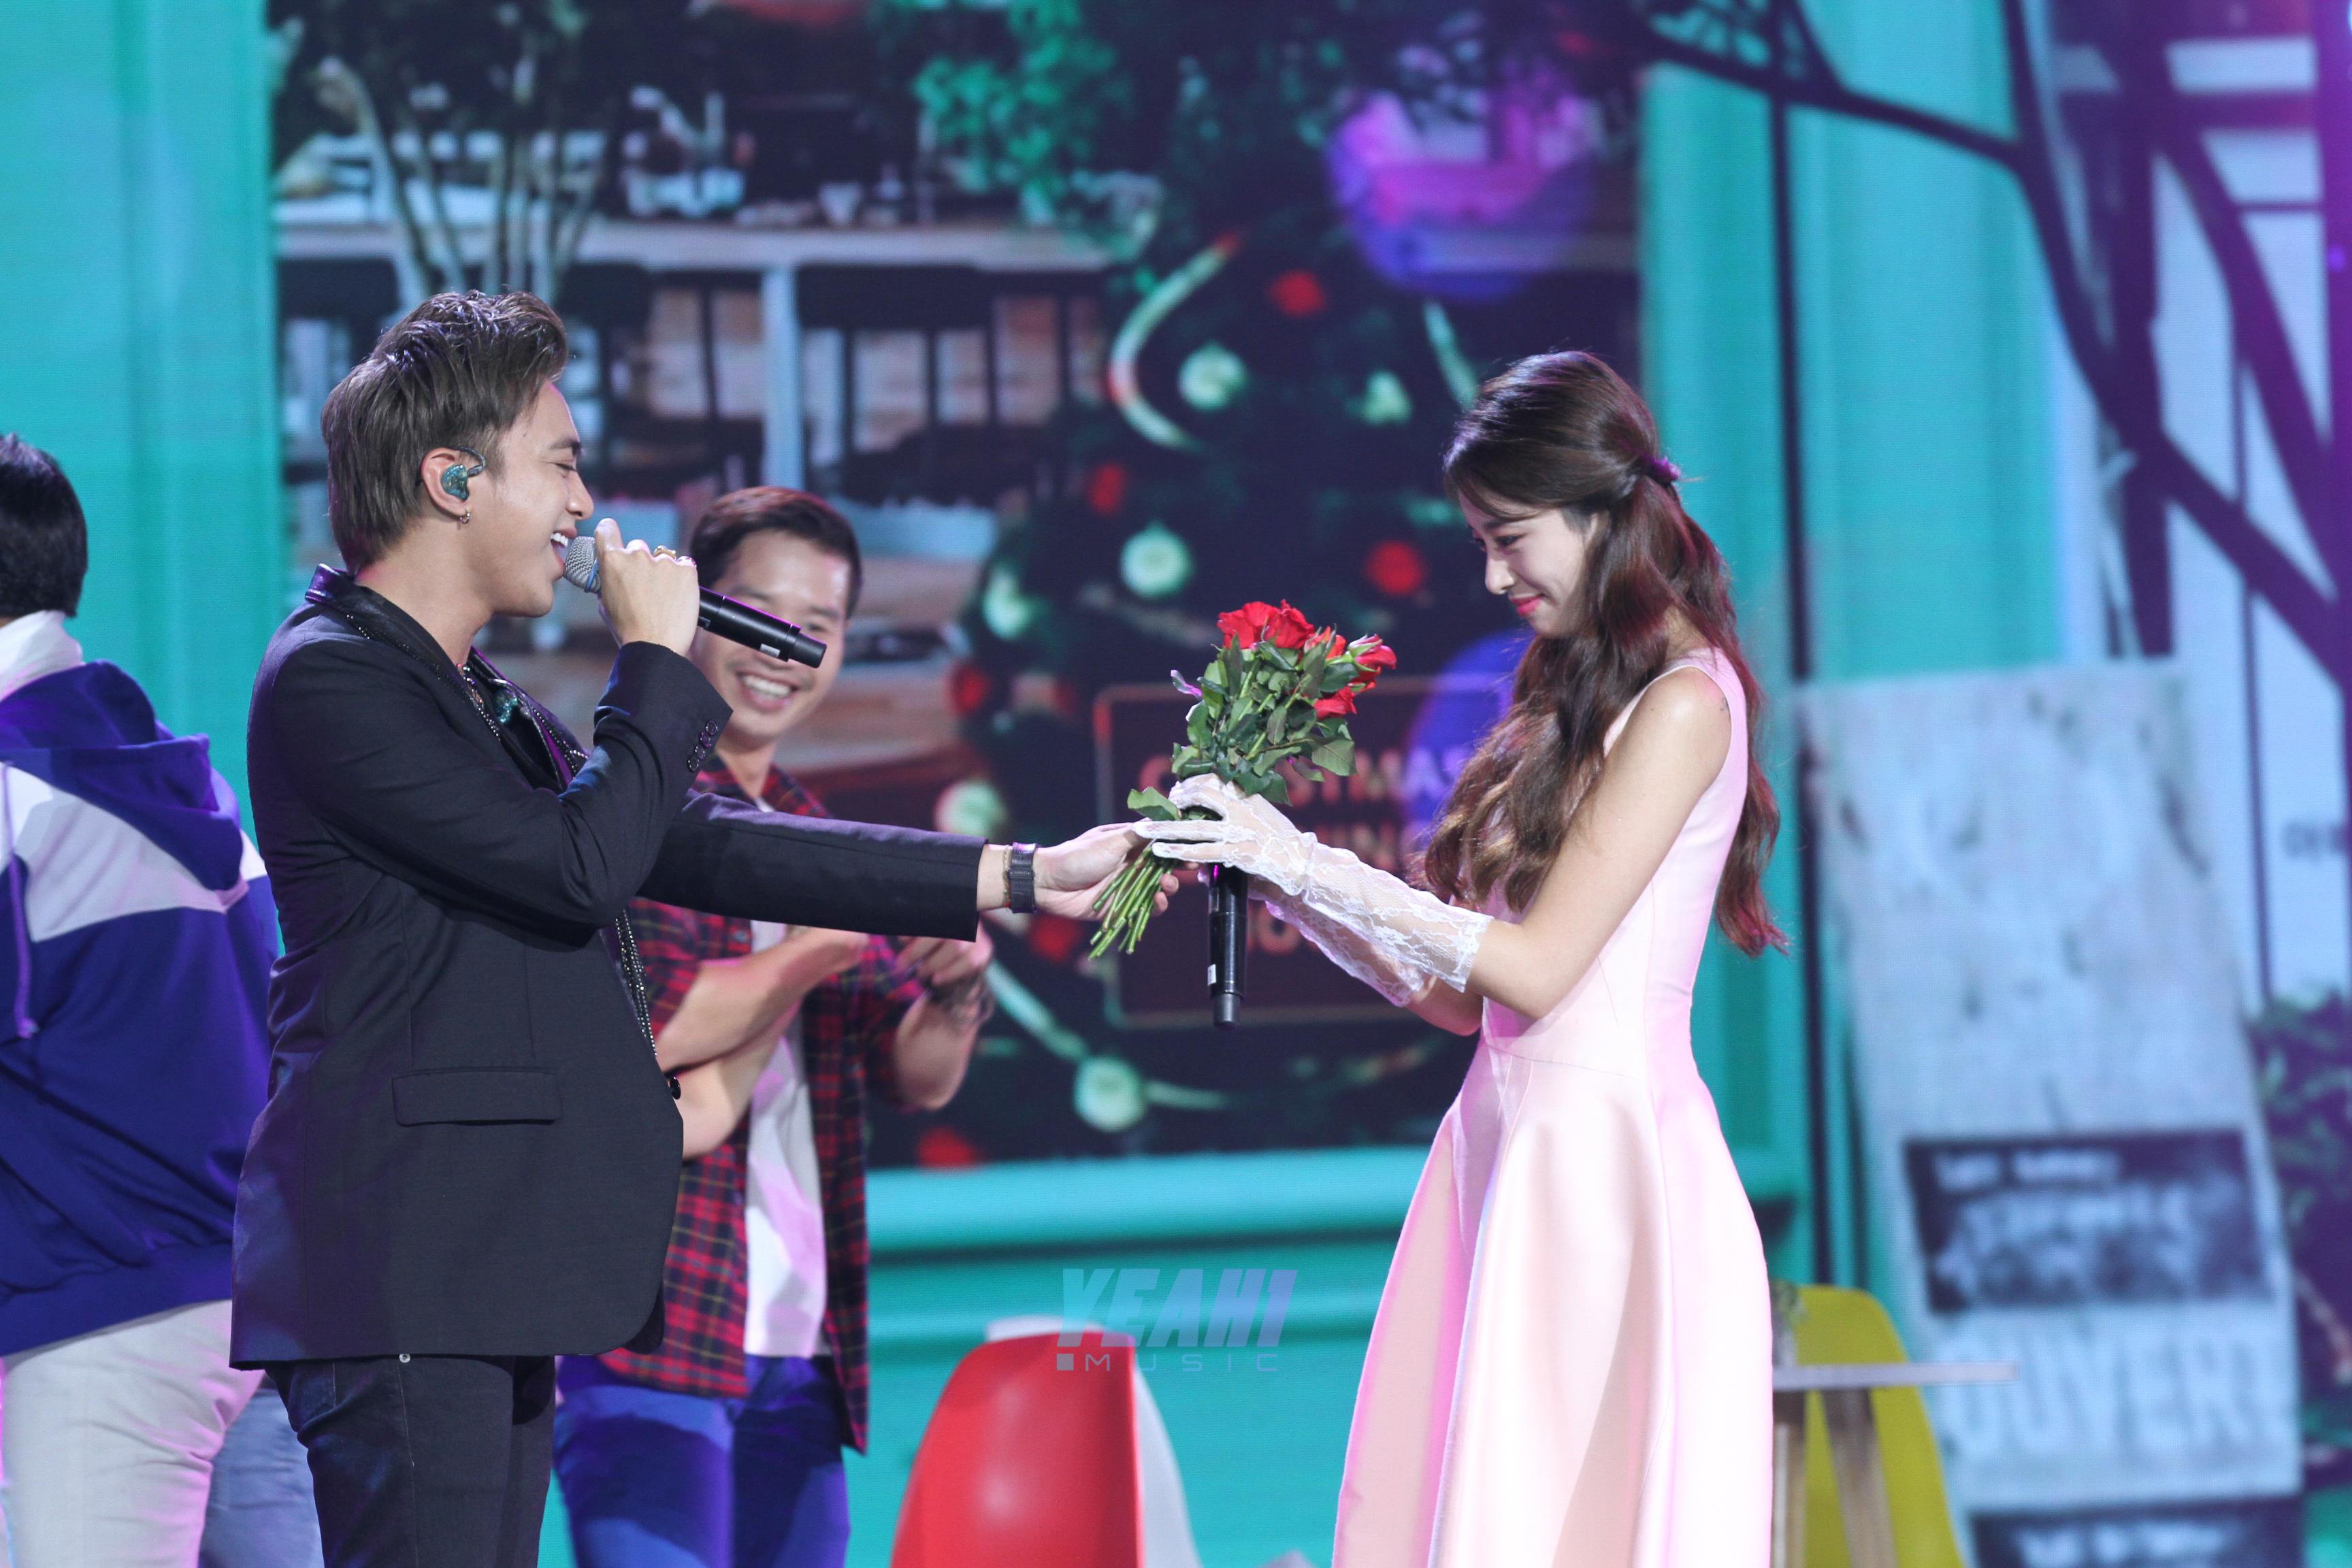 Chờ đợi đã lâu, cuối cùng Jiyeon cũng đã chịu hát tiếng Việt Đẹp nhất là em cùng Soobin Hoàng Sơn